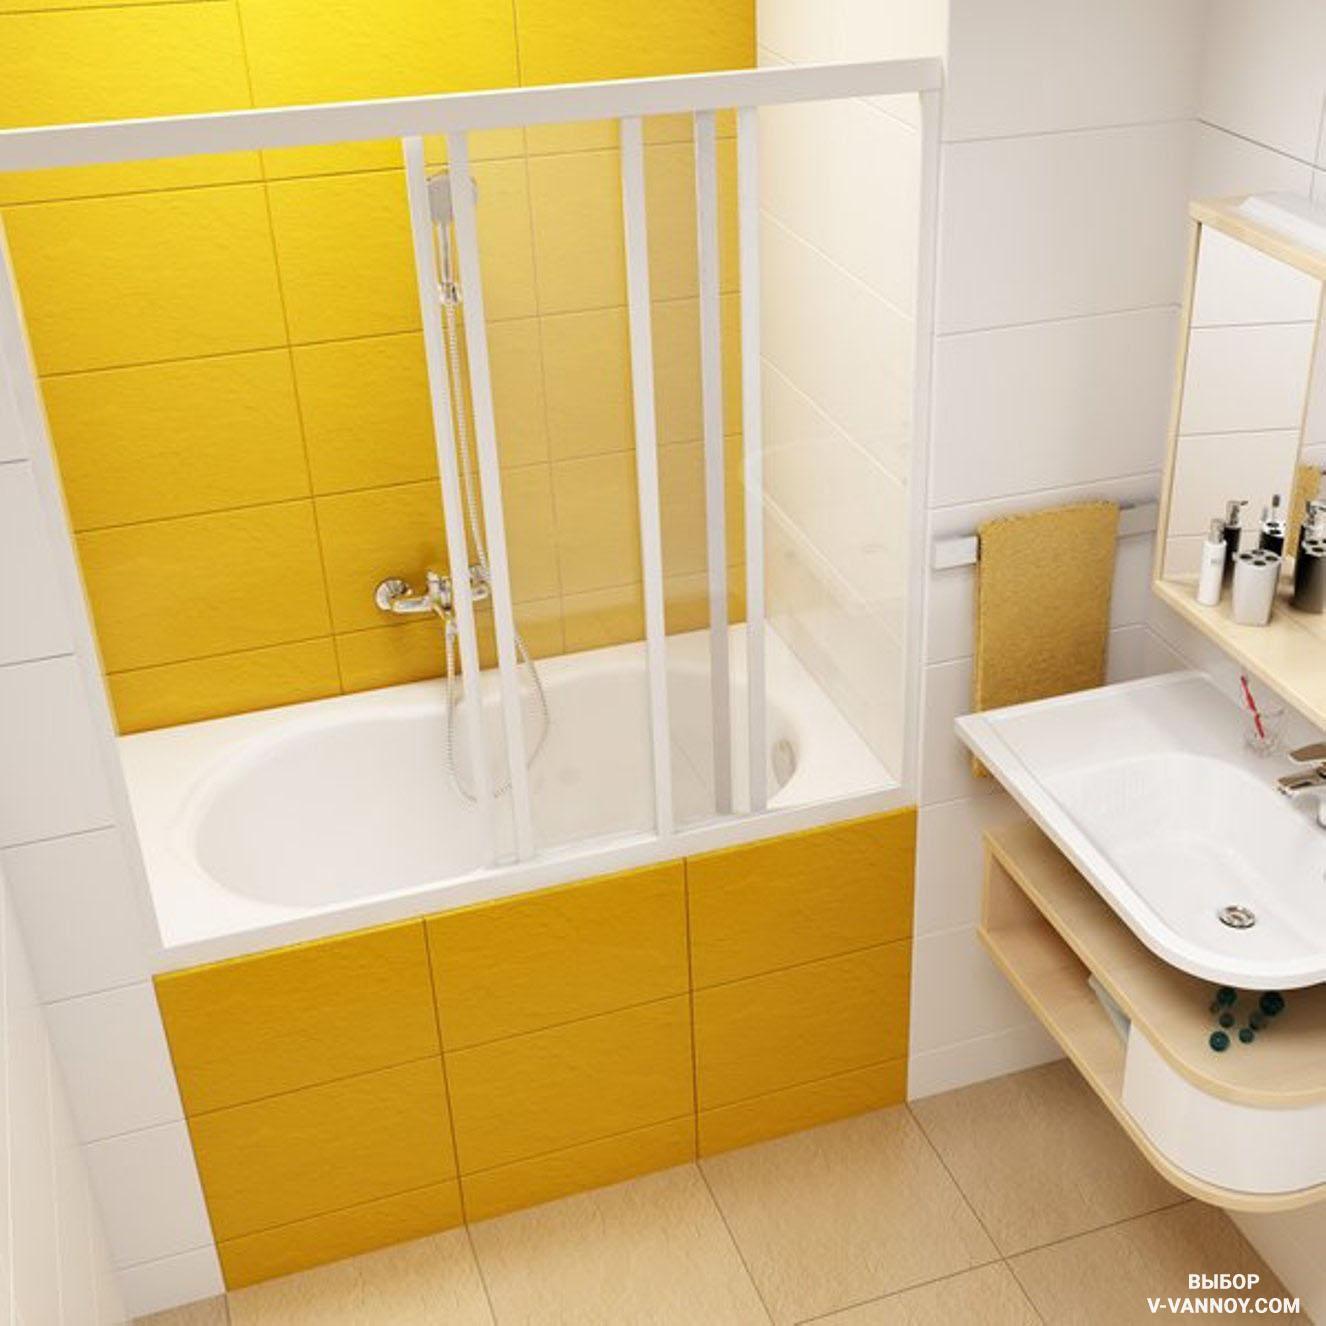 ванна фото: Сидячие ванны для маленьких ванных комнат (20 фото